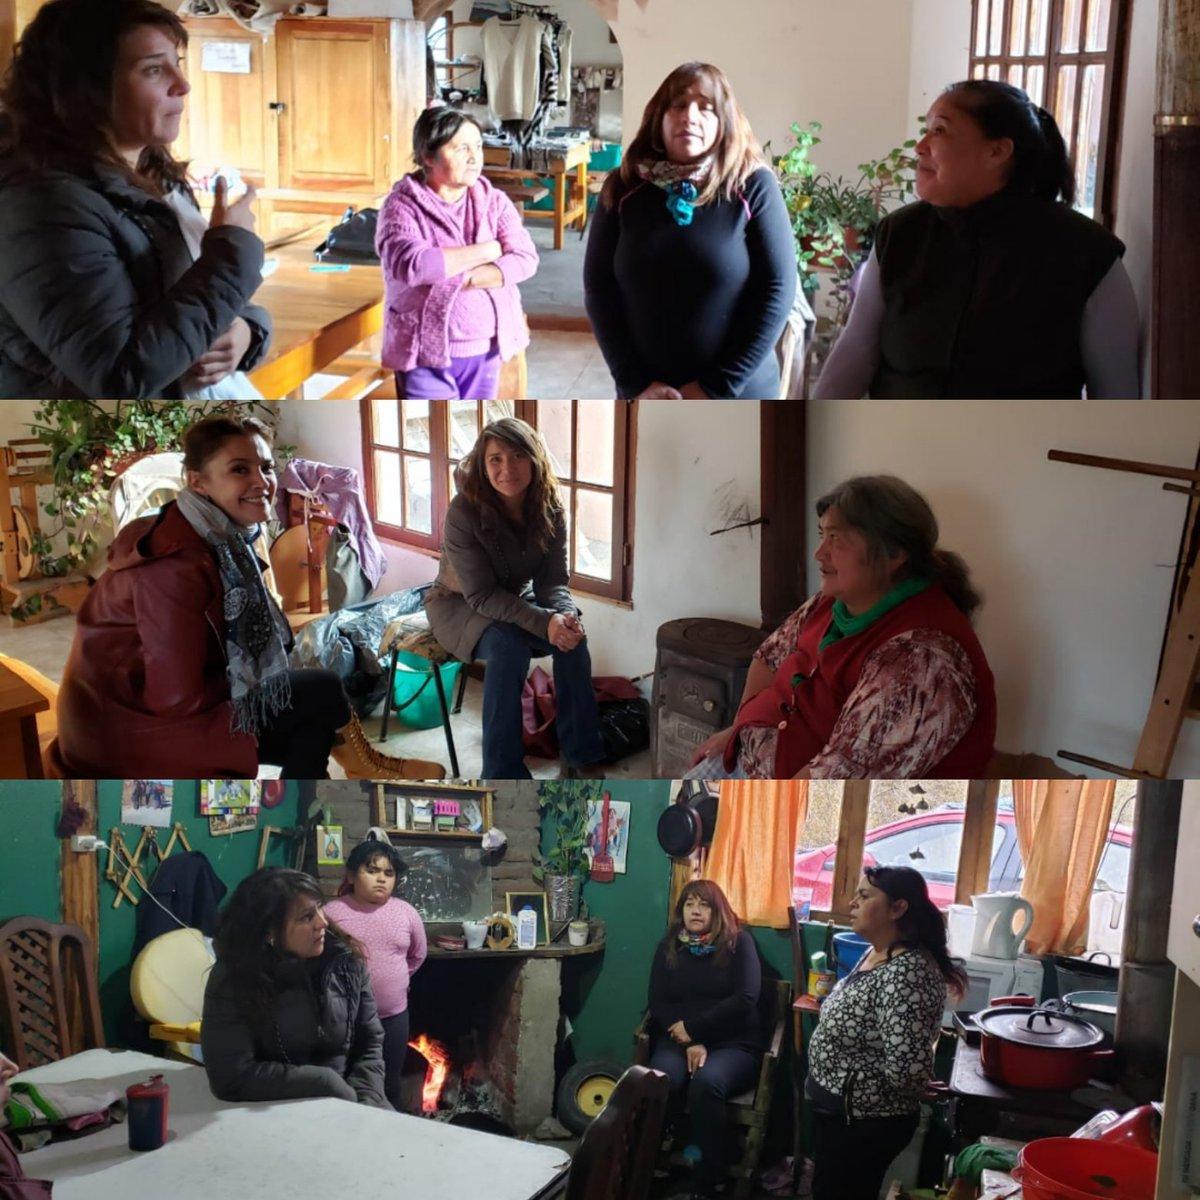 Visitamos a los vecinos de #LagoRosario, junto a la Diputada @CHECHU0405 💪 Gracias a cada uno por recibirnos!  #ChubutAlFrente #JuntosParaChubut